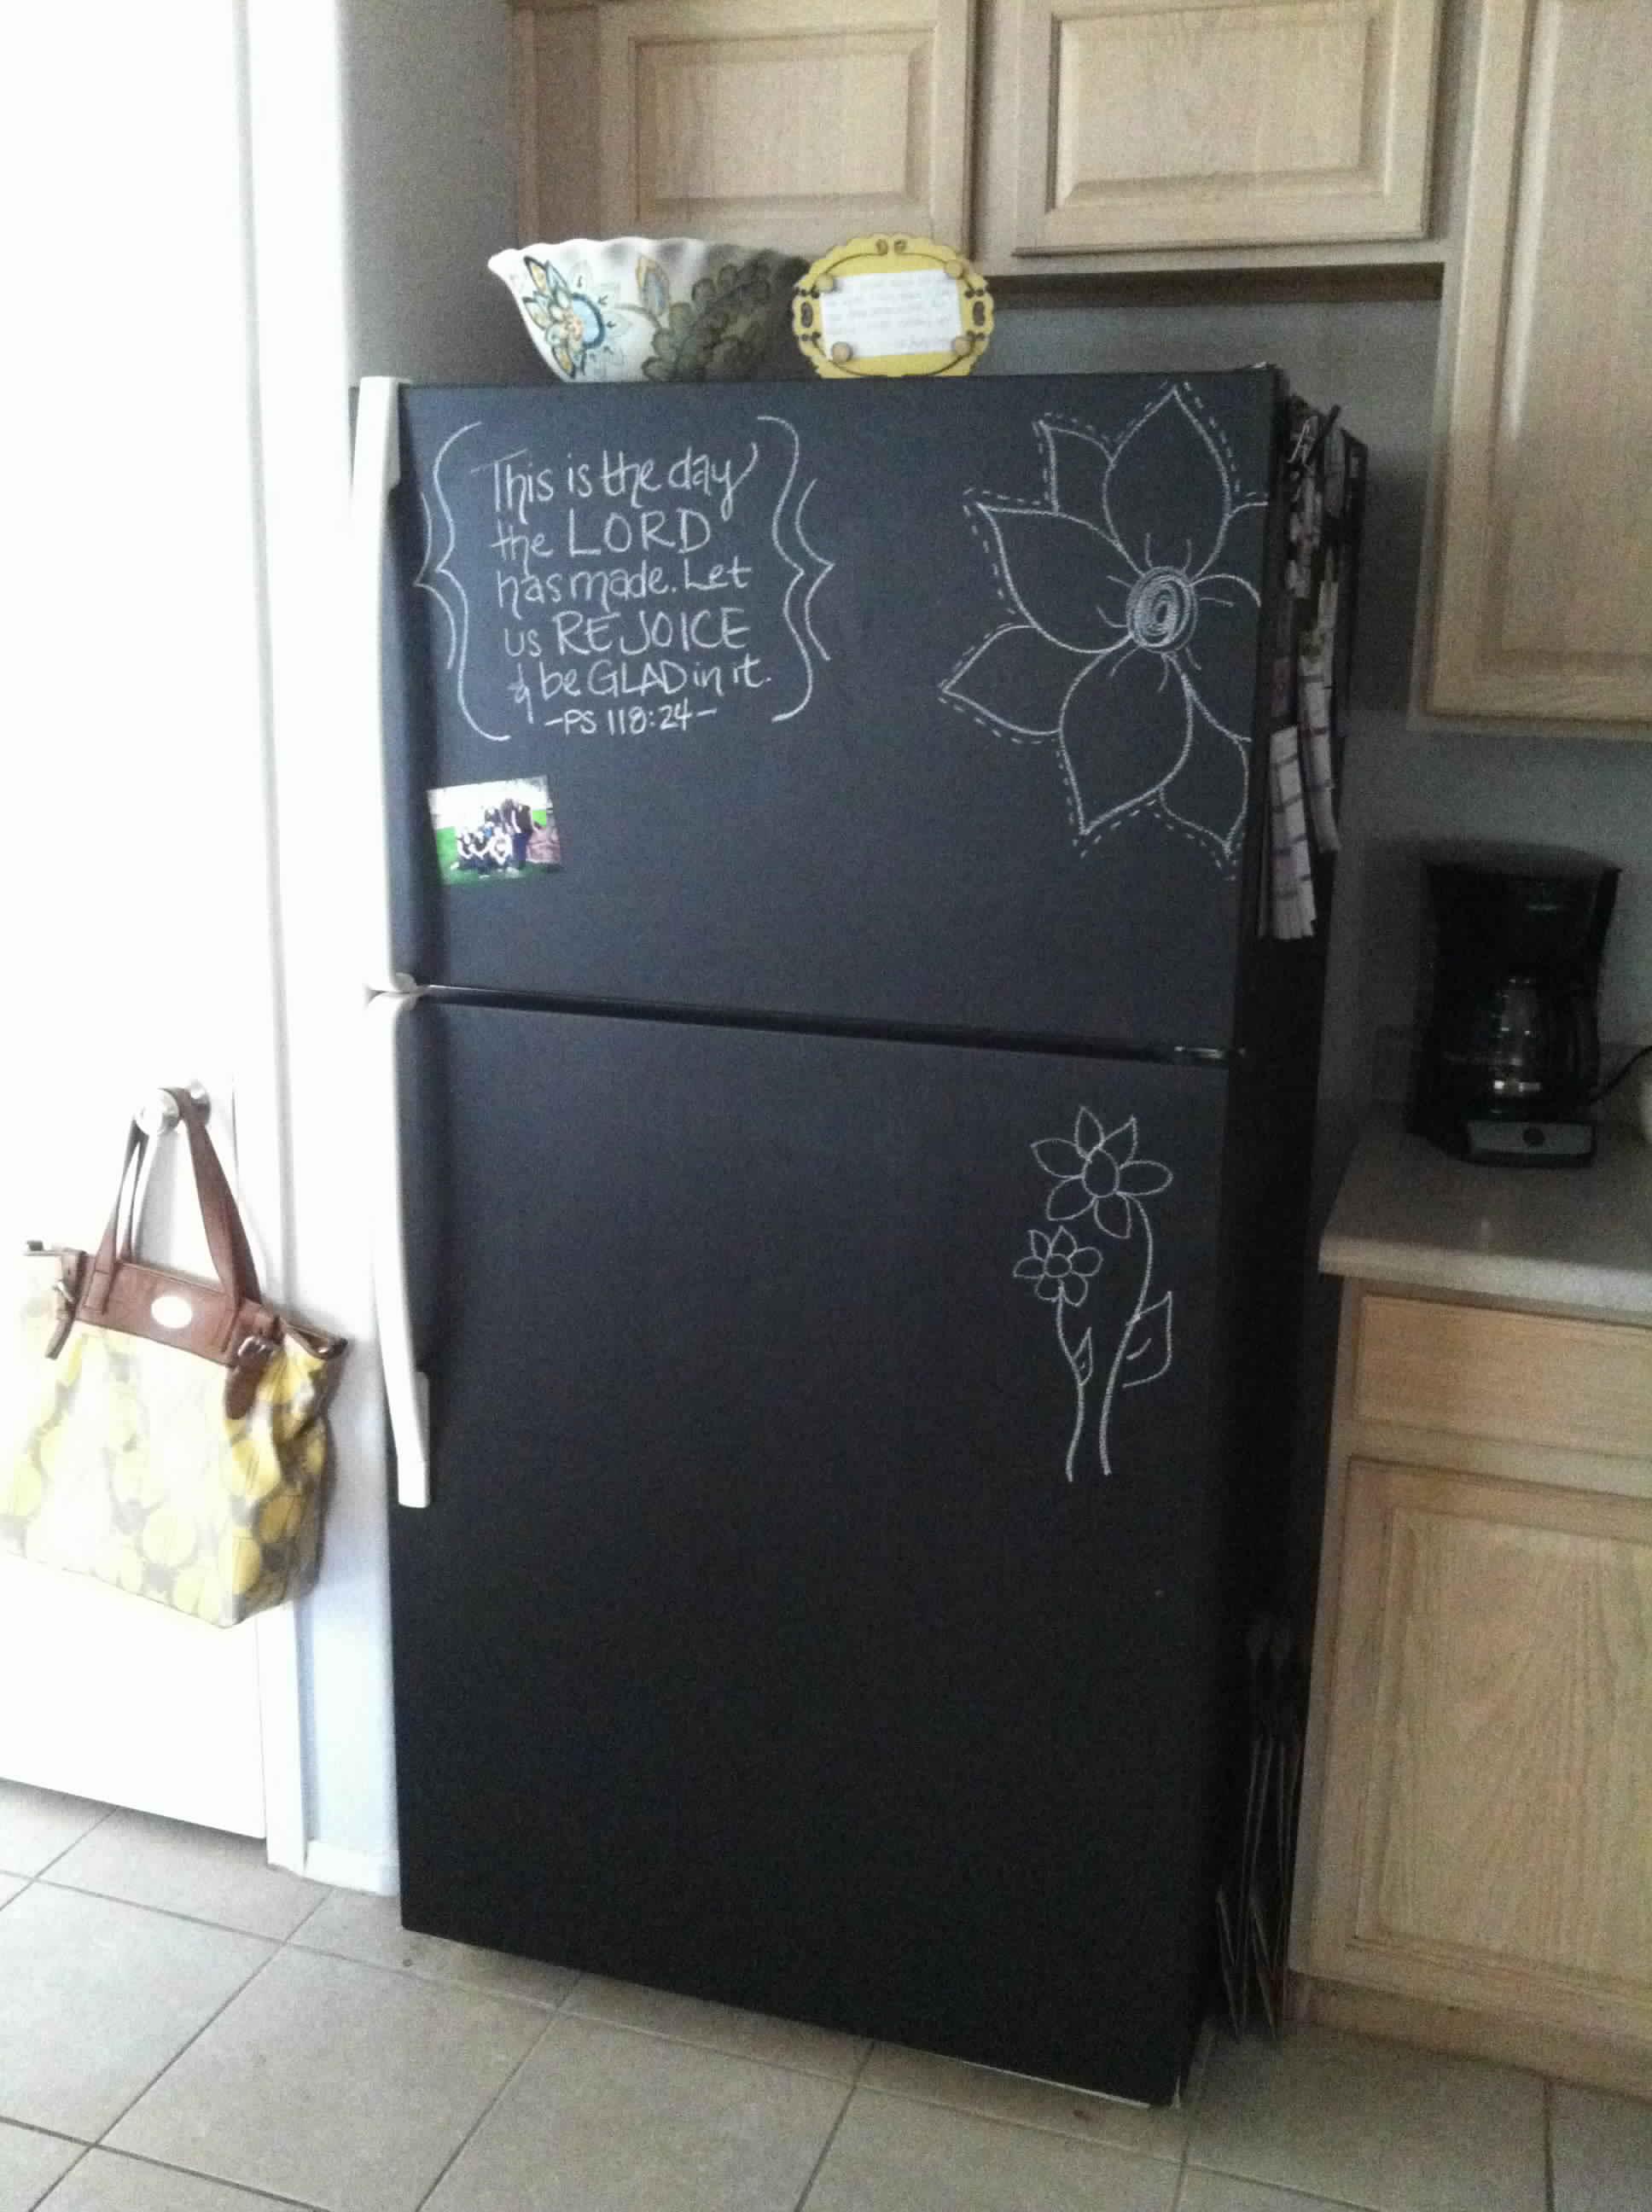 оборудован системой чем обклеить холодильник своими руками фото них предусмотрены специальные